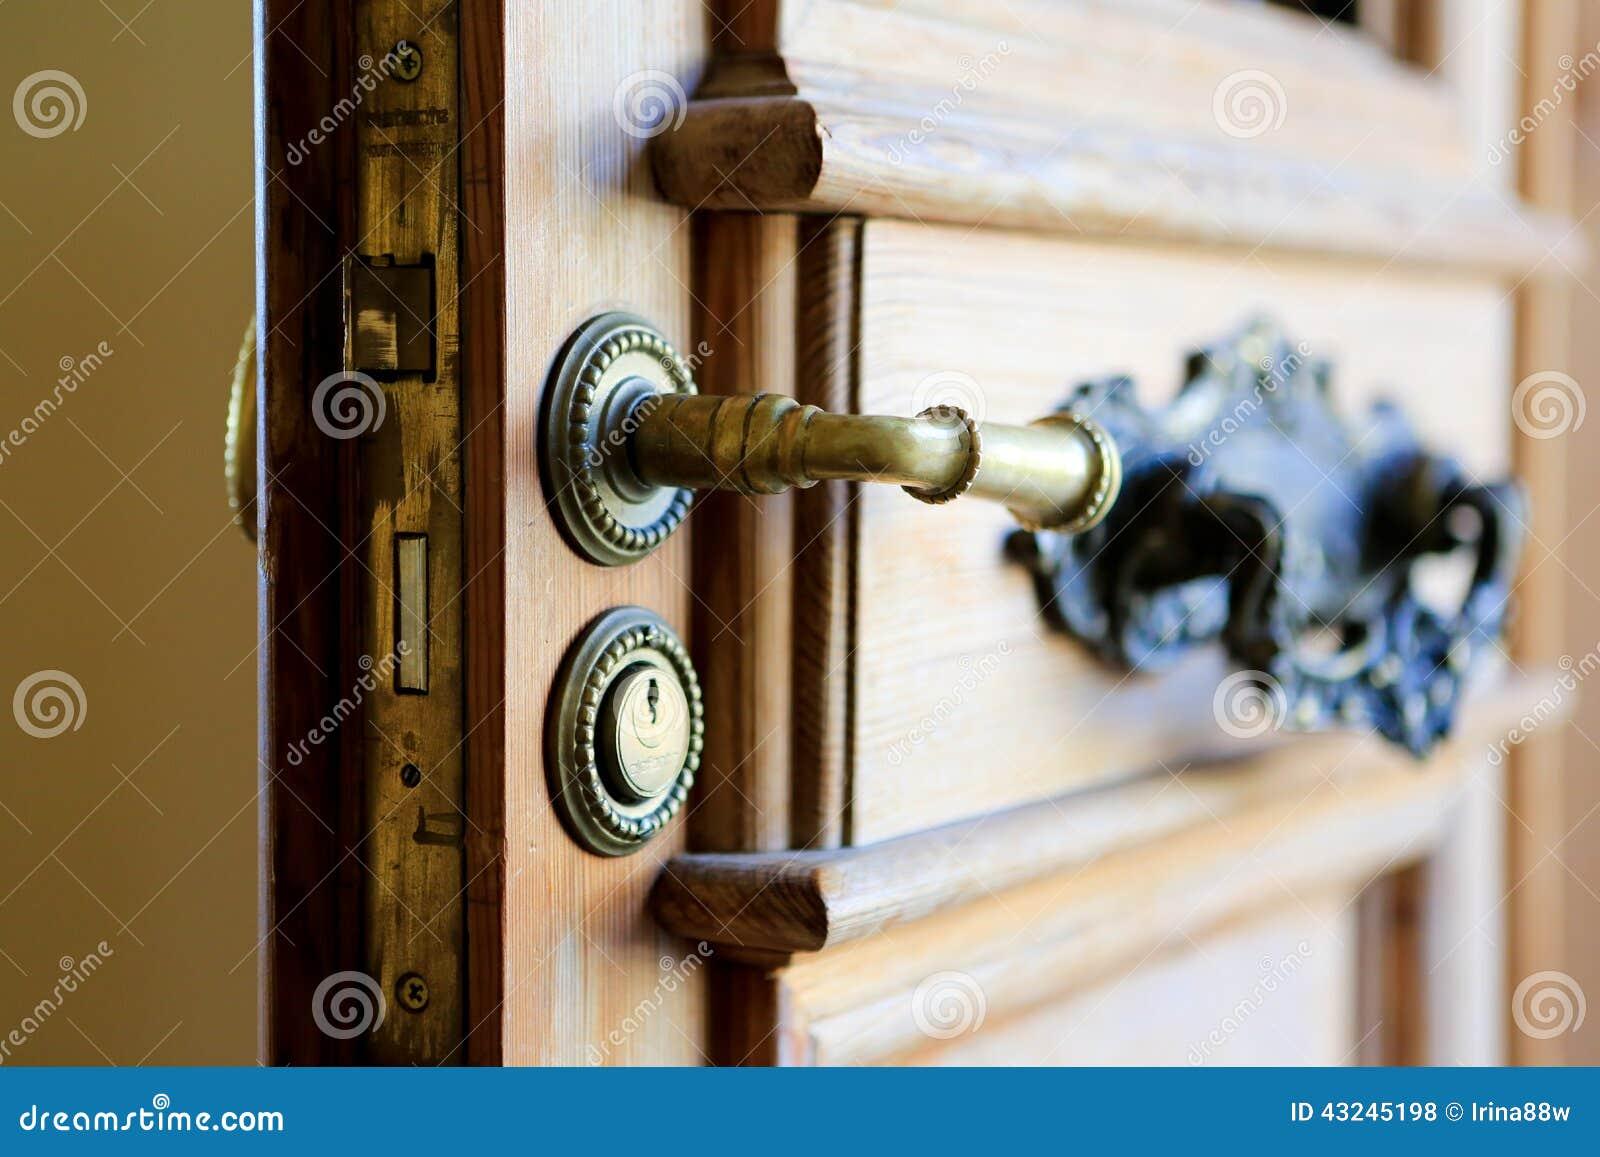 Poign e de porte d 39 entr e avec le trou de la serrure for La poignee de la porte